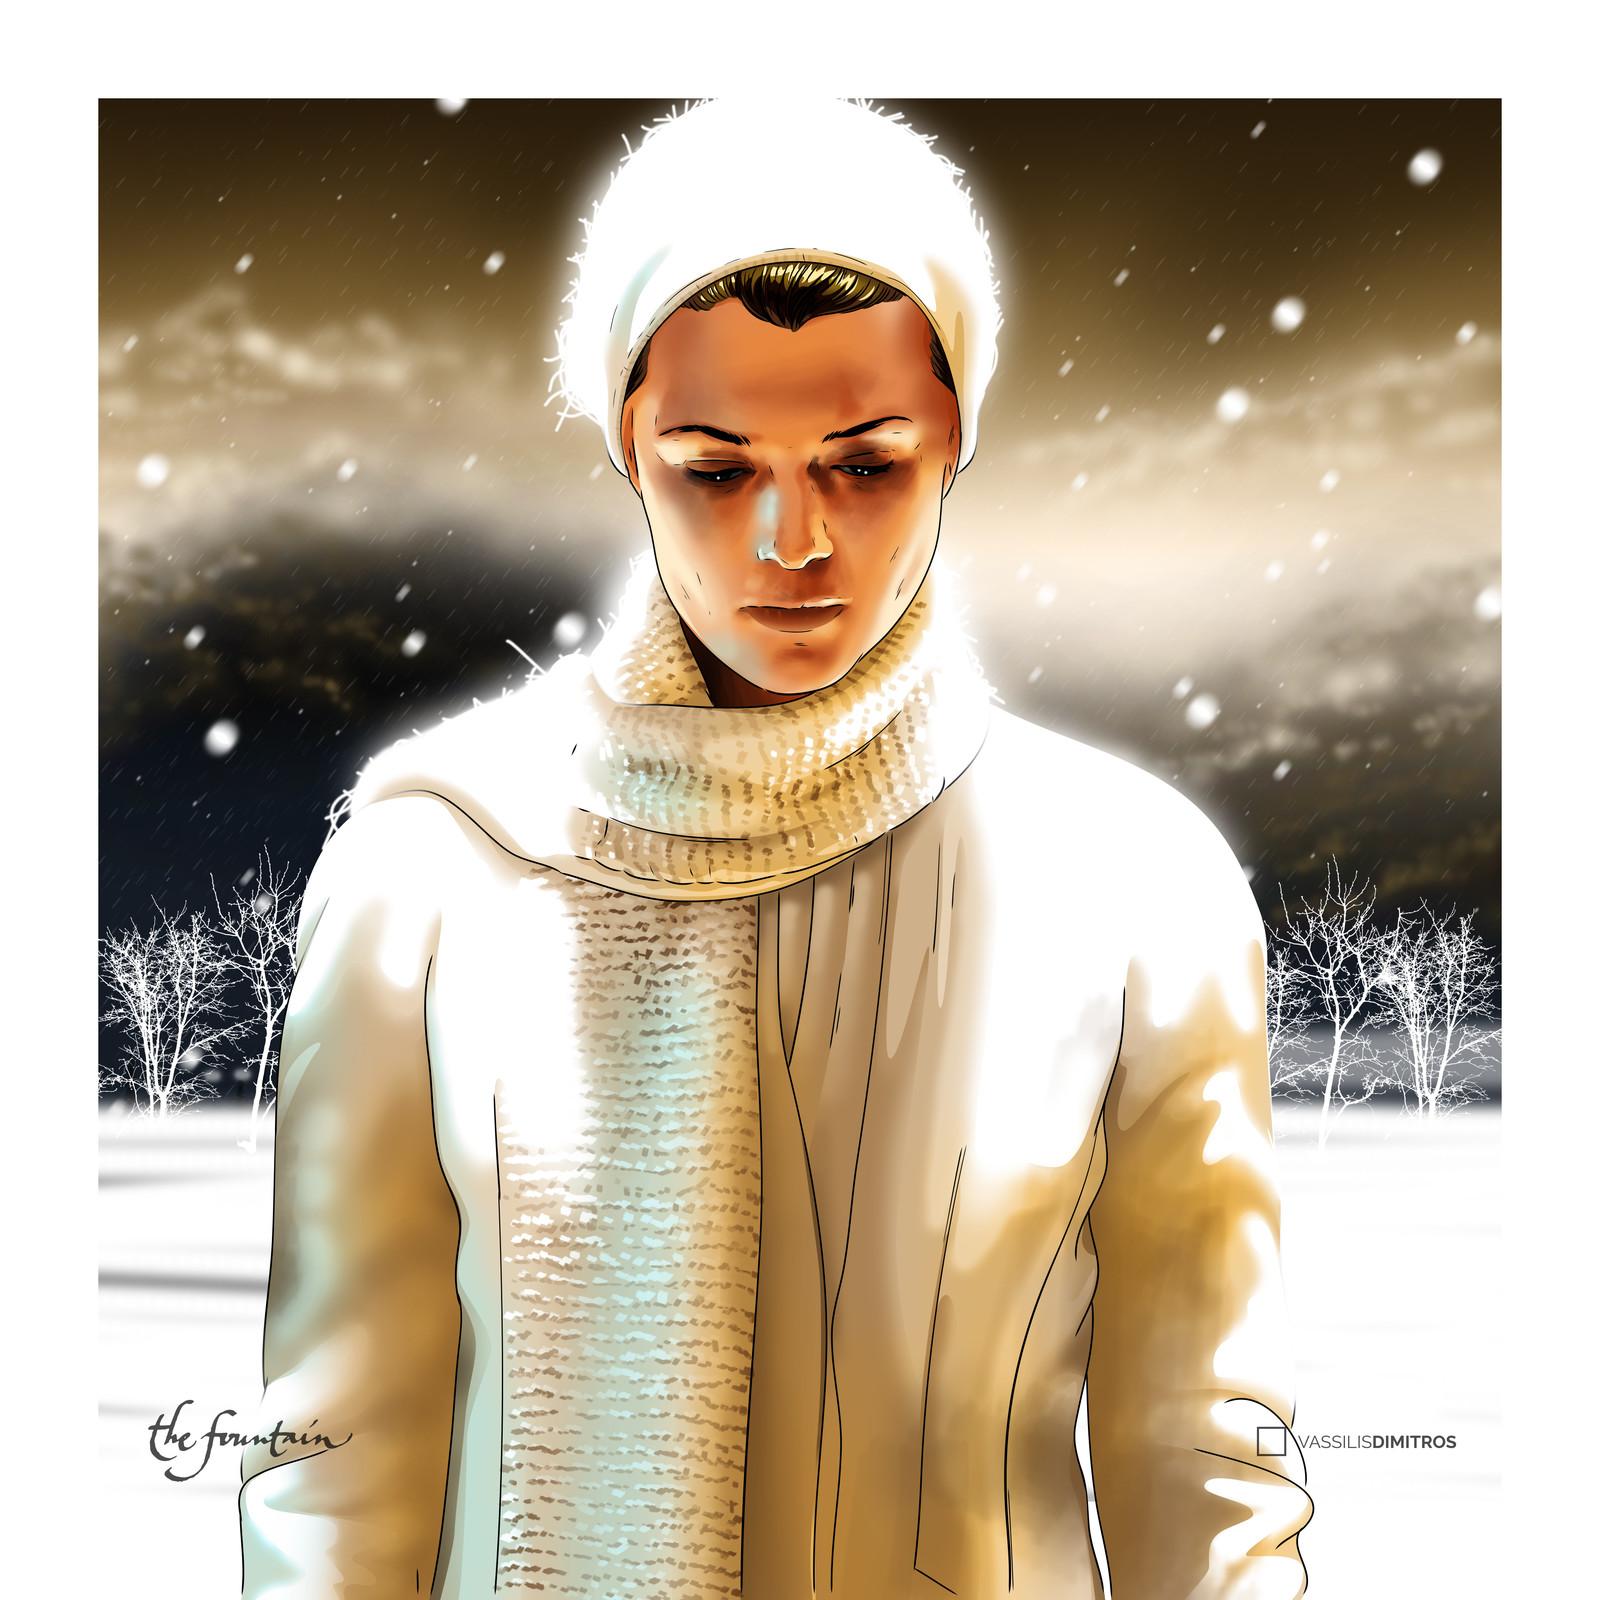 Part 3: First Snow